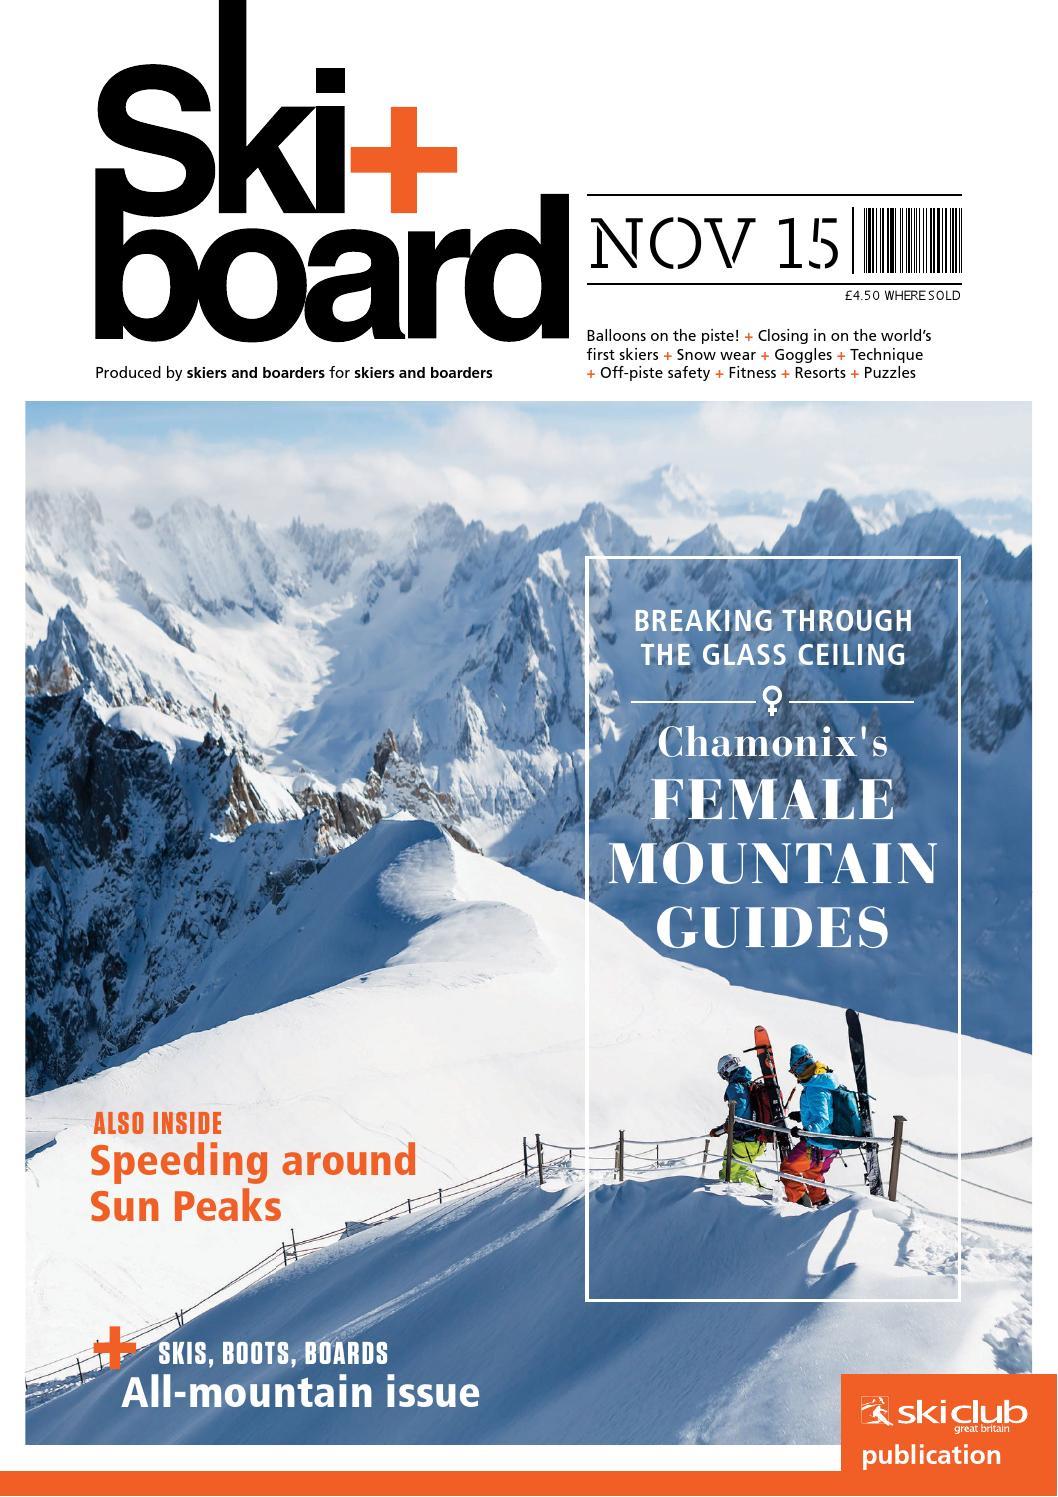 Ski+board November 2015